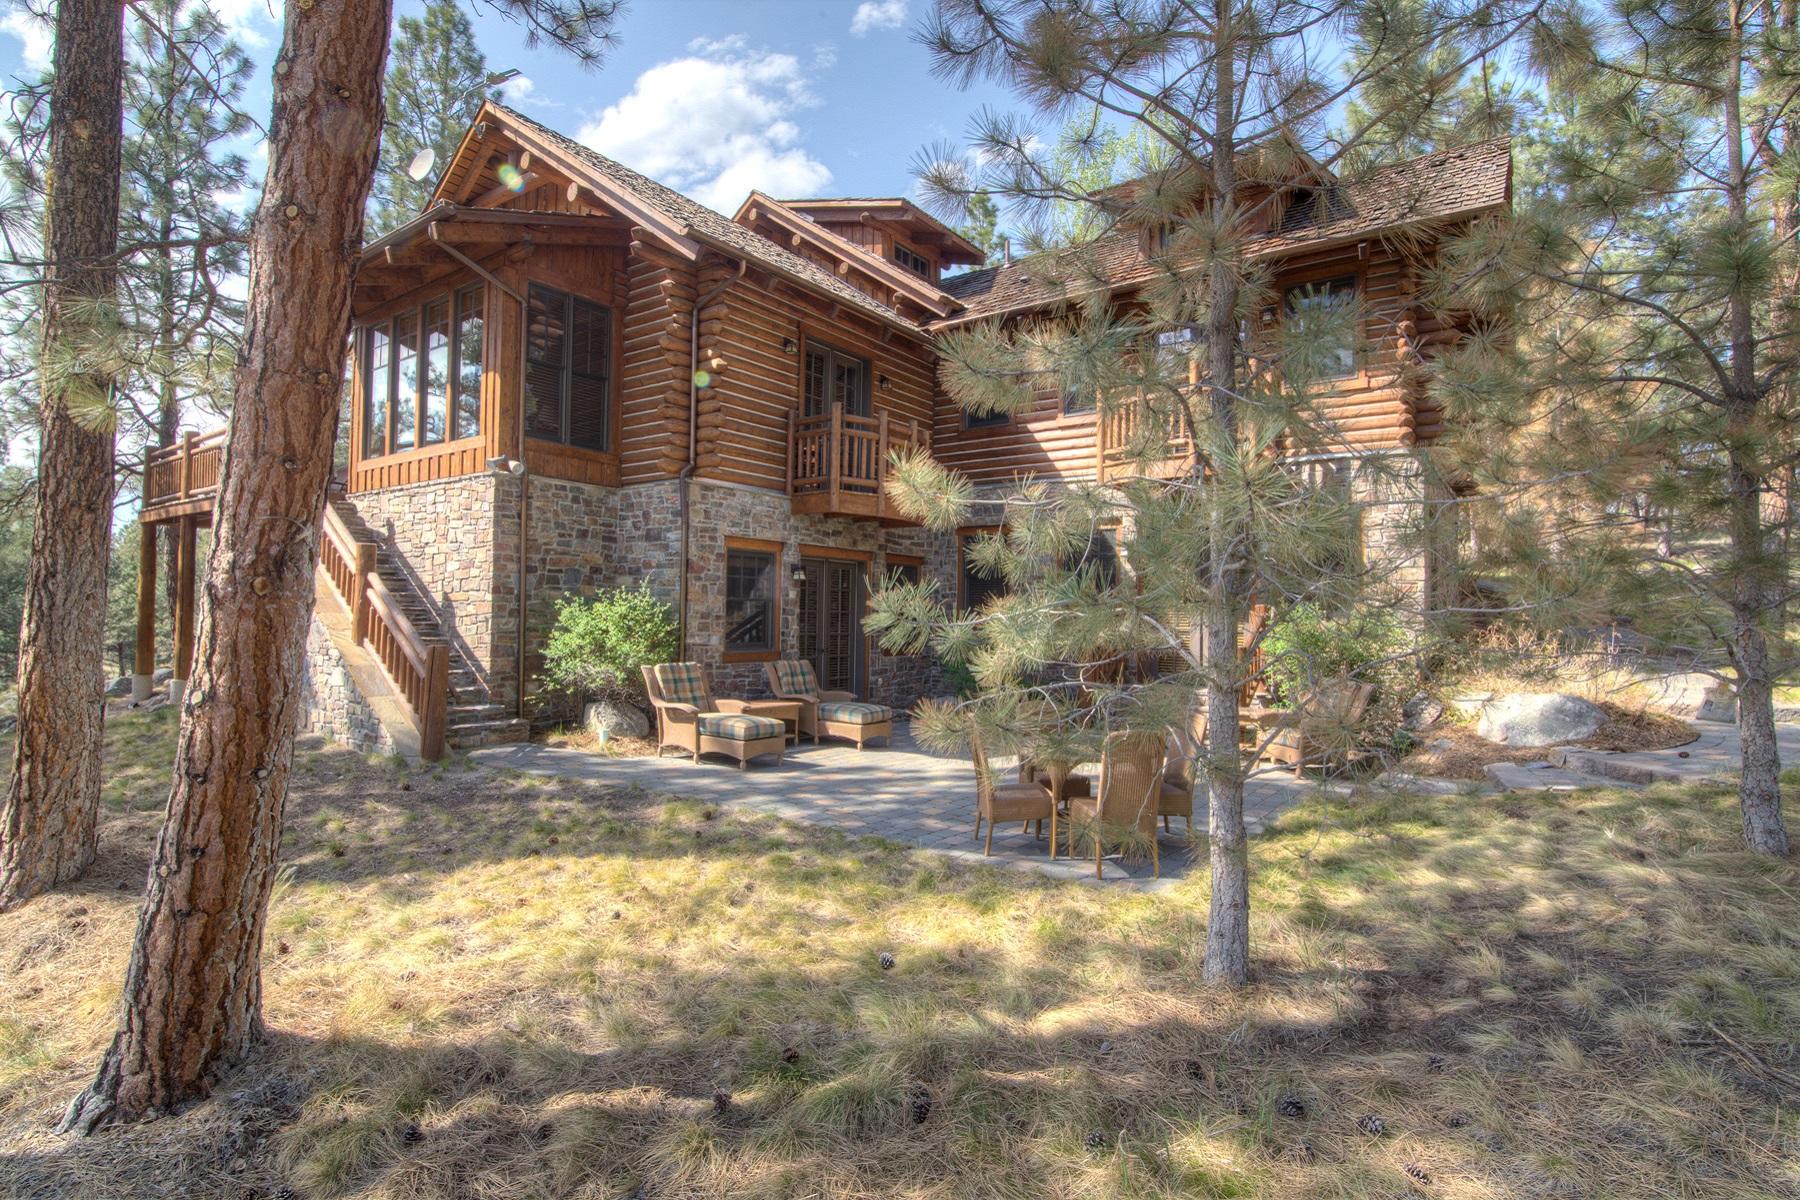 一戸建て のために 売買 アット Stock Farm Cabin 8 726 Pallo Trail Hamilton, モンタナ, 59840 アメリカ合衆国